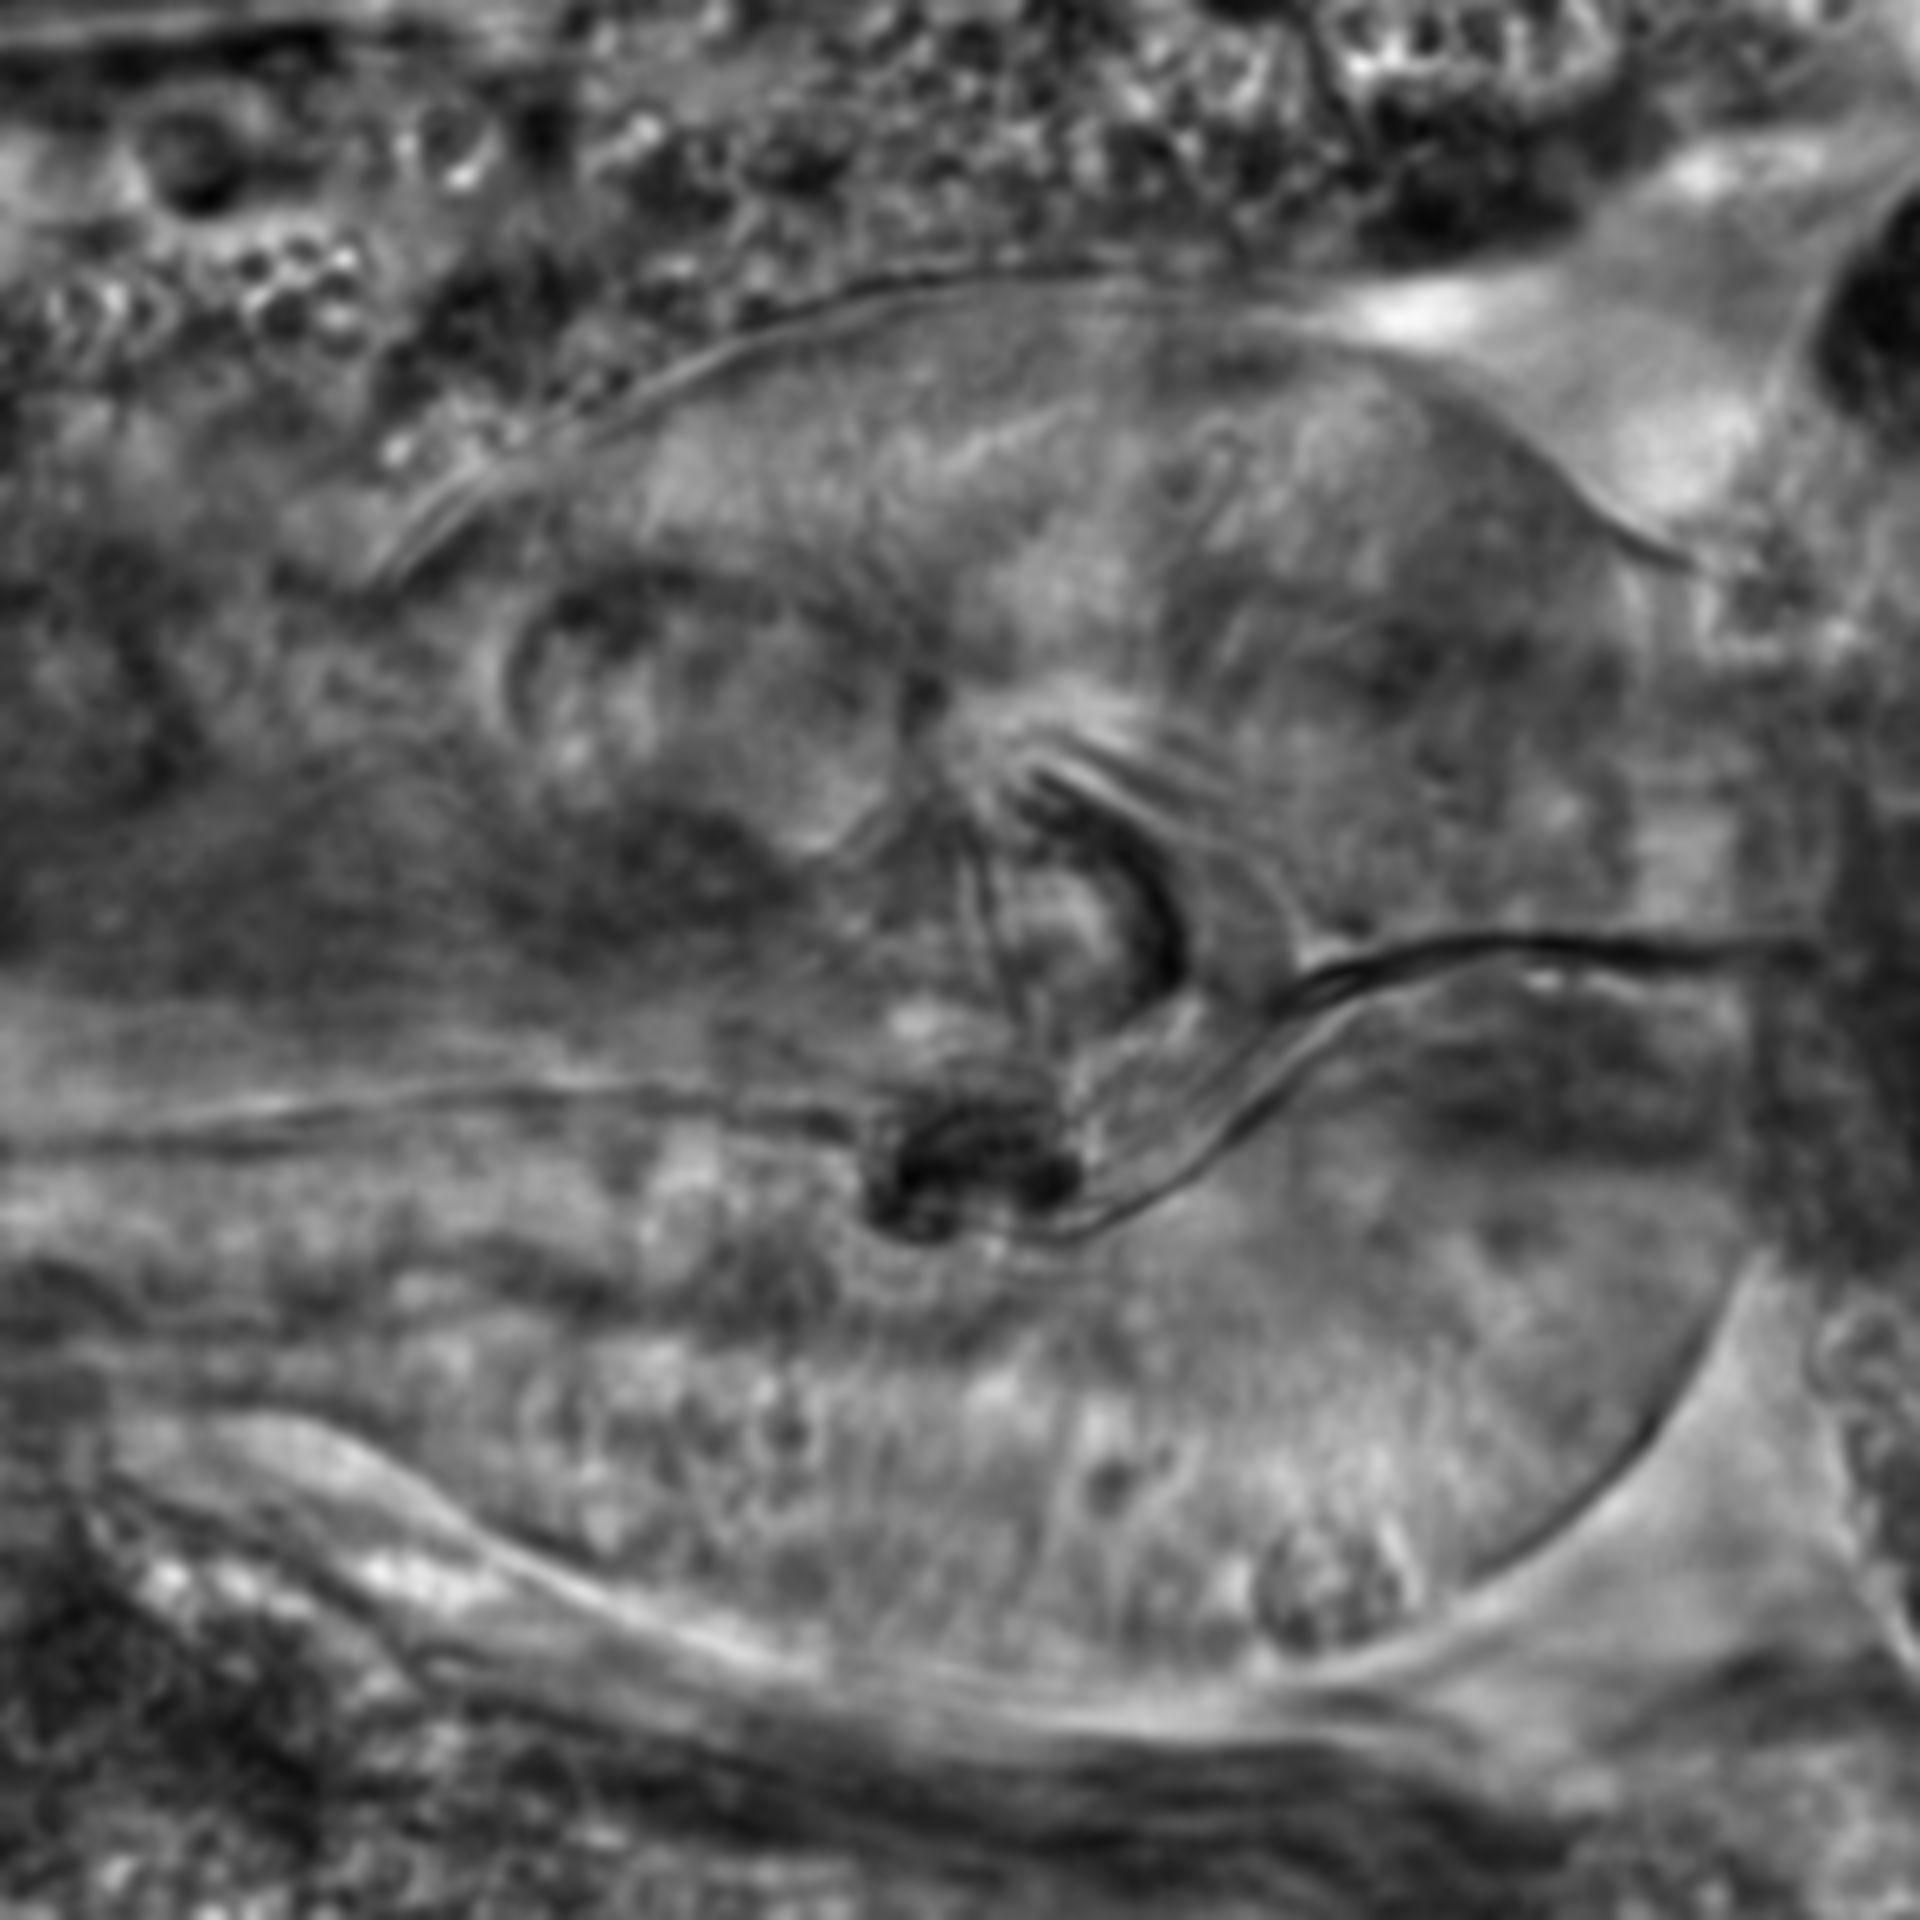 Caenorhabditis elegans - CIL:2301